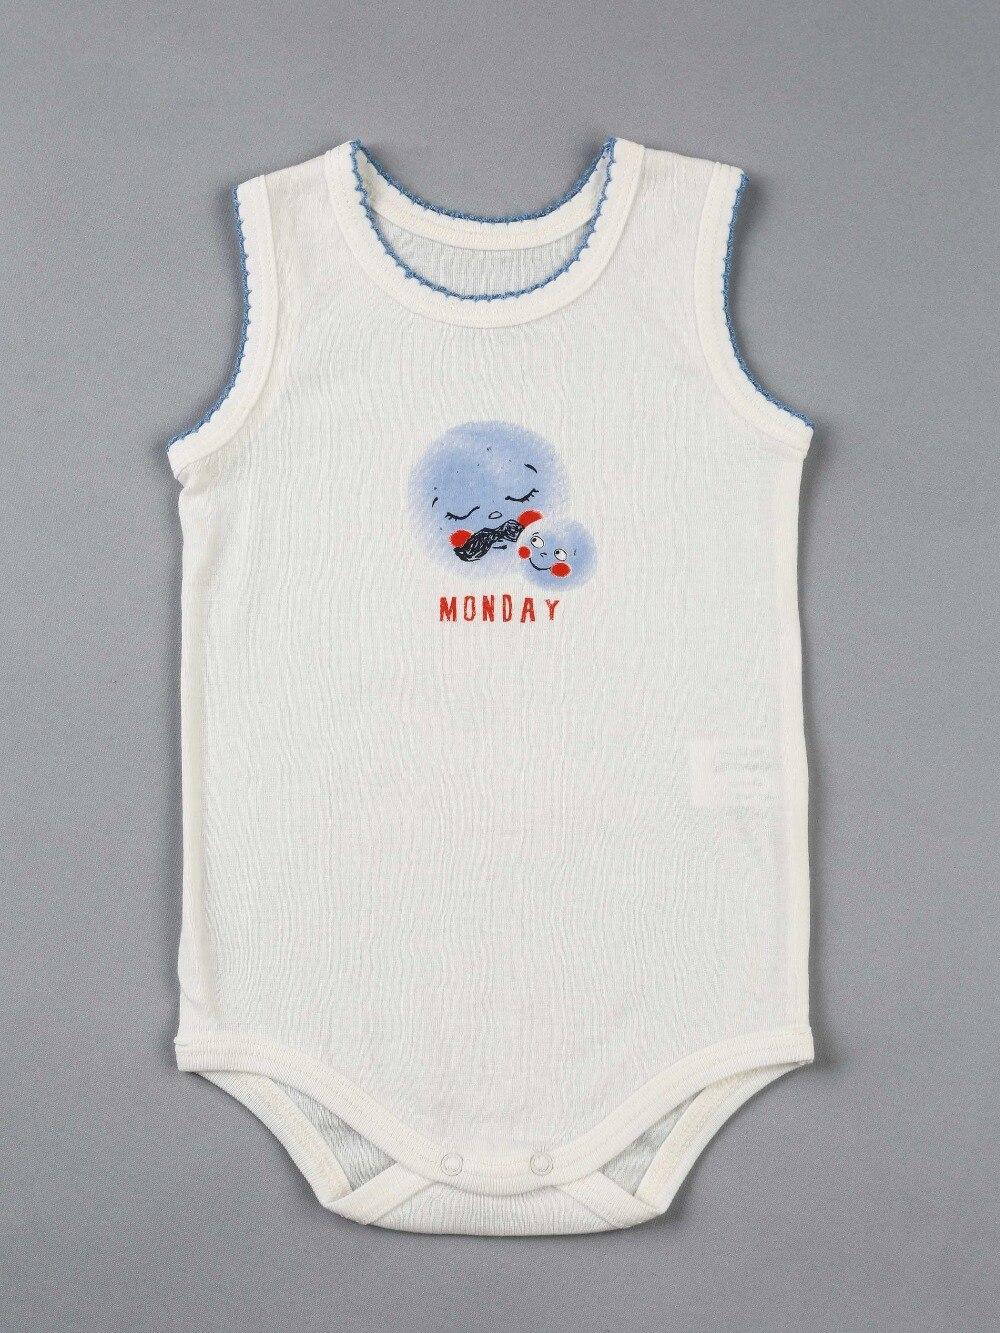 013-012-027 Beyaz Bebek Haftanın 7 Günü Özel Badi  (7)